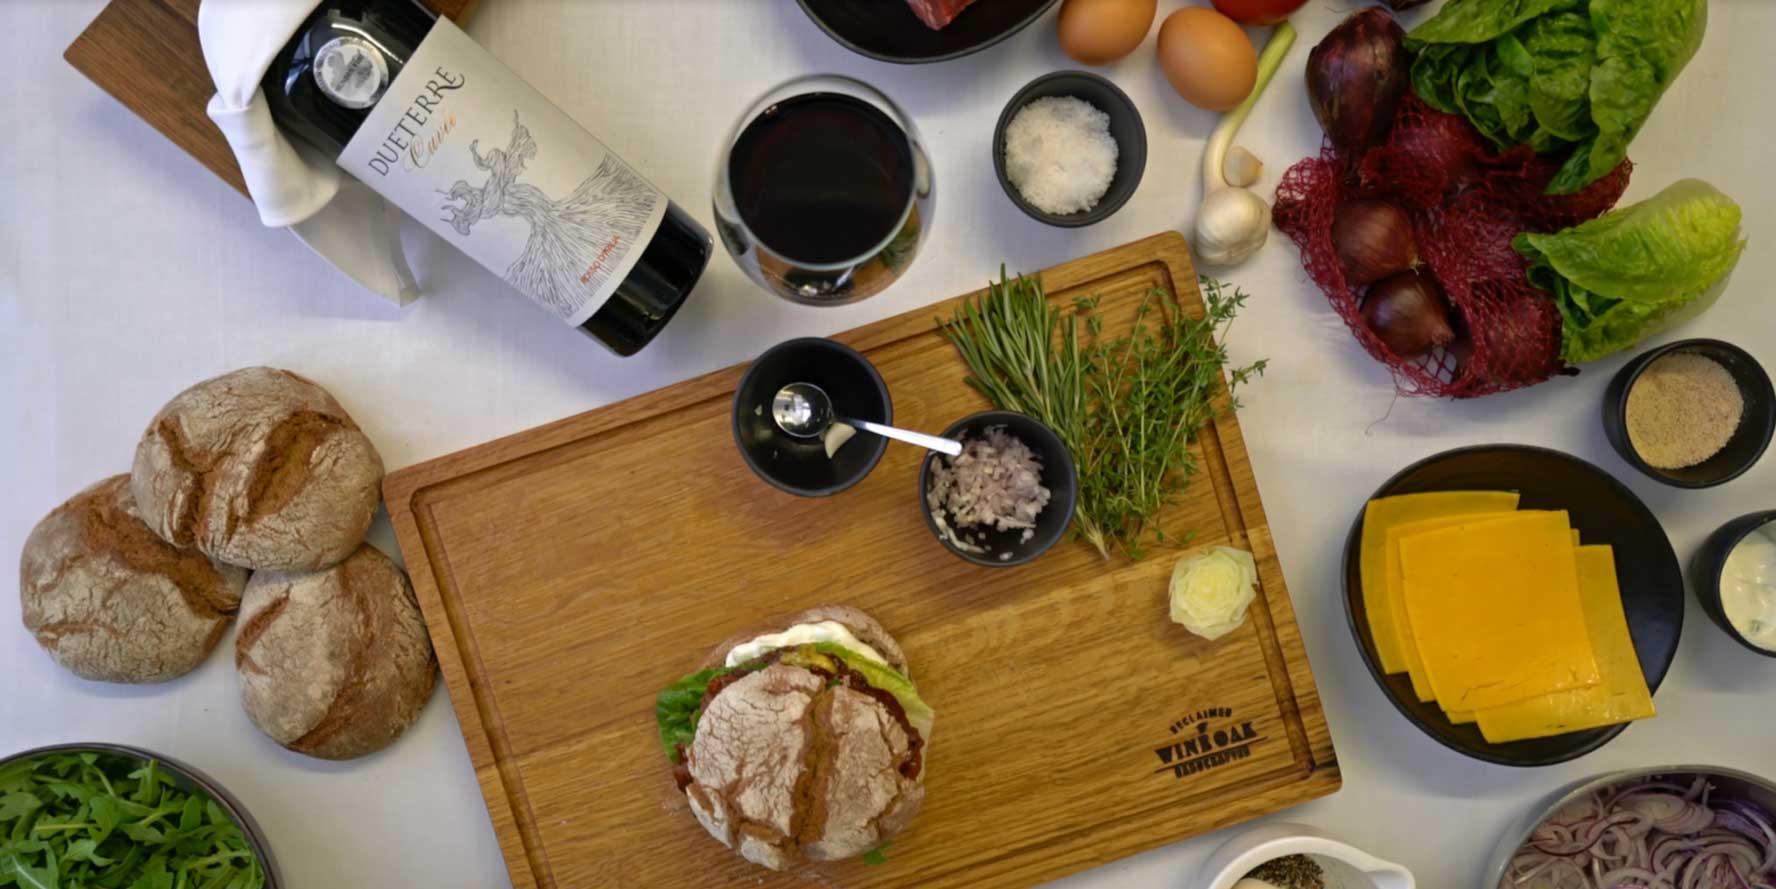 BBQ-Beef Burger mit Sauerteigbrot, Cheddar, gedünsteten Zwiebeln und Rucolasalat